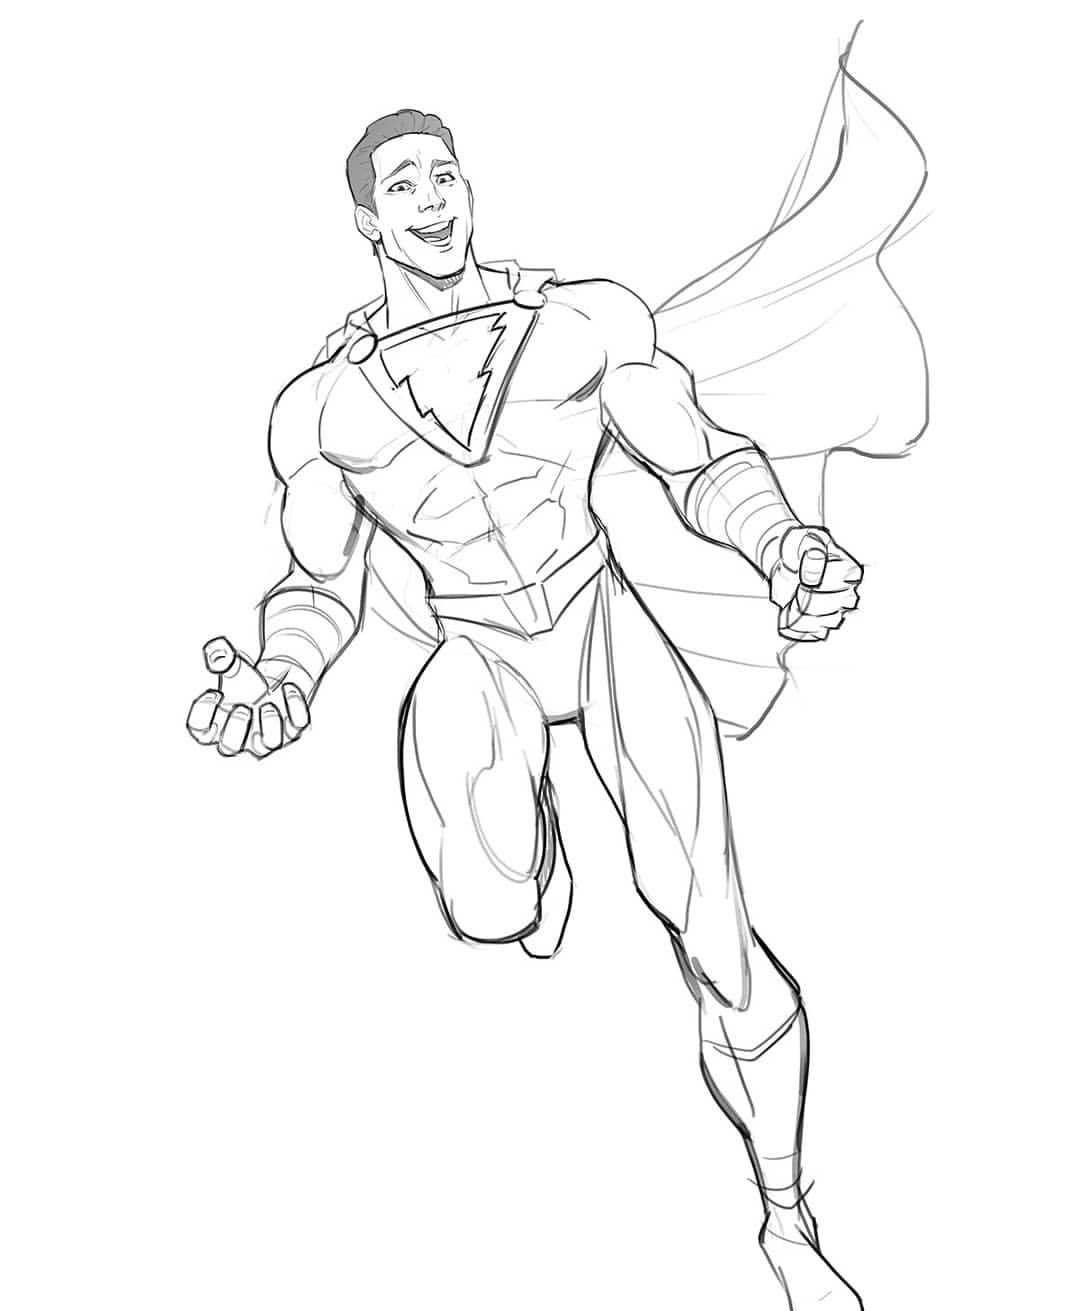 Dclicensing 16 Captmarveljr Captain Marvel Shazam Captain Marvel Superhero Villains